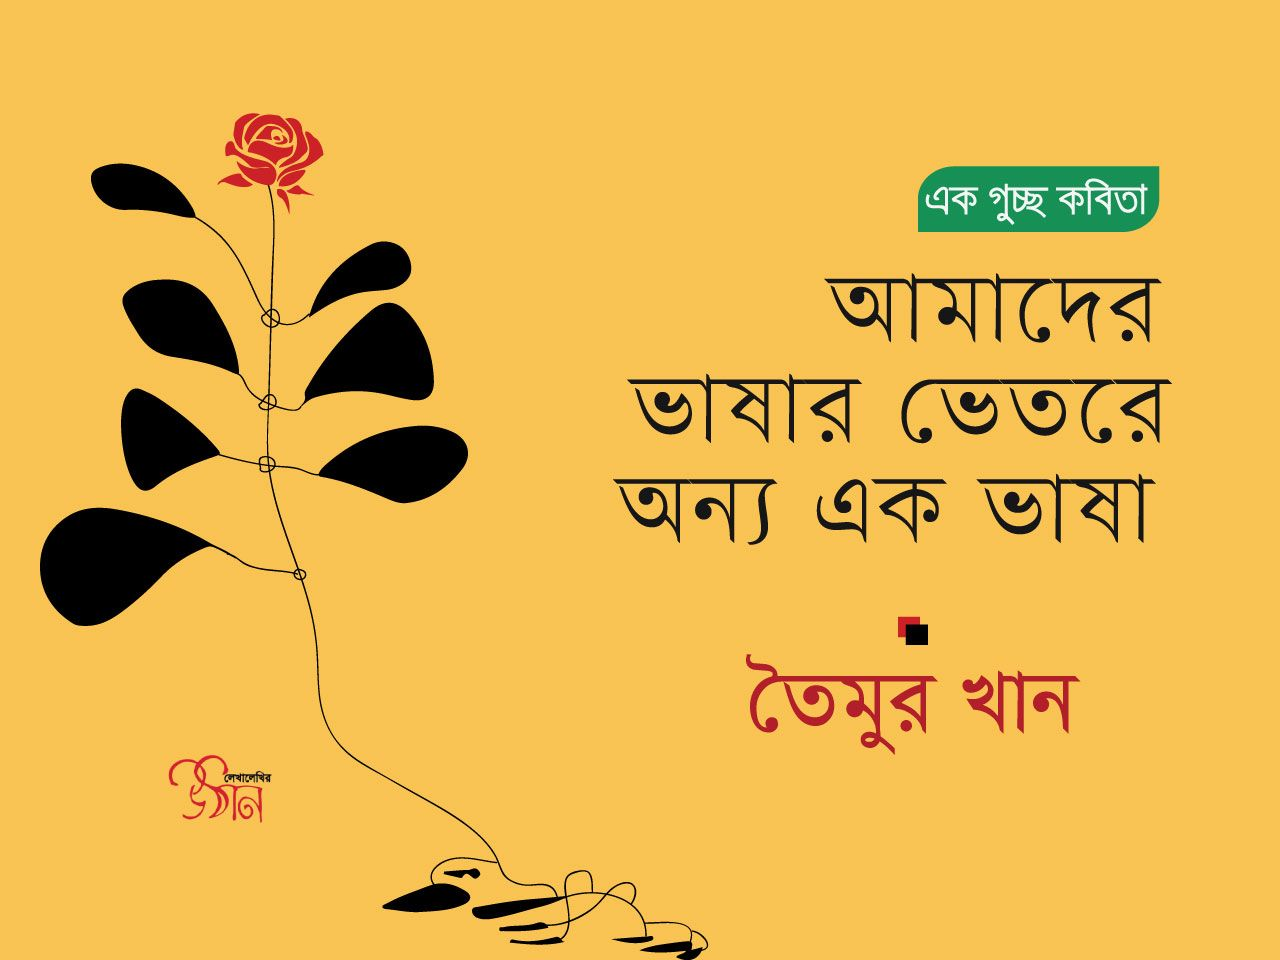 Toimur-Khan1.jpg